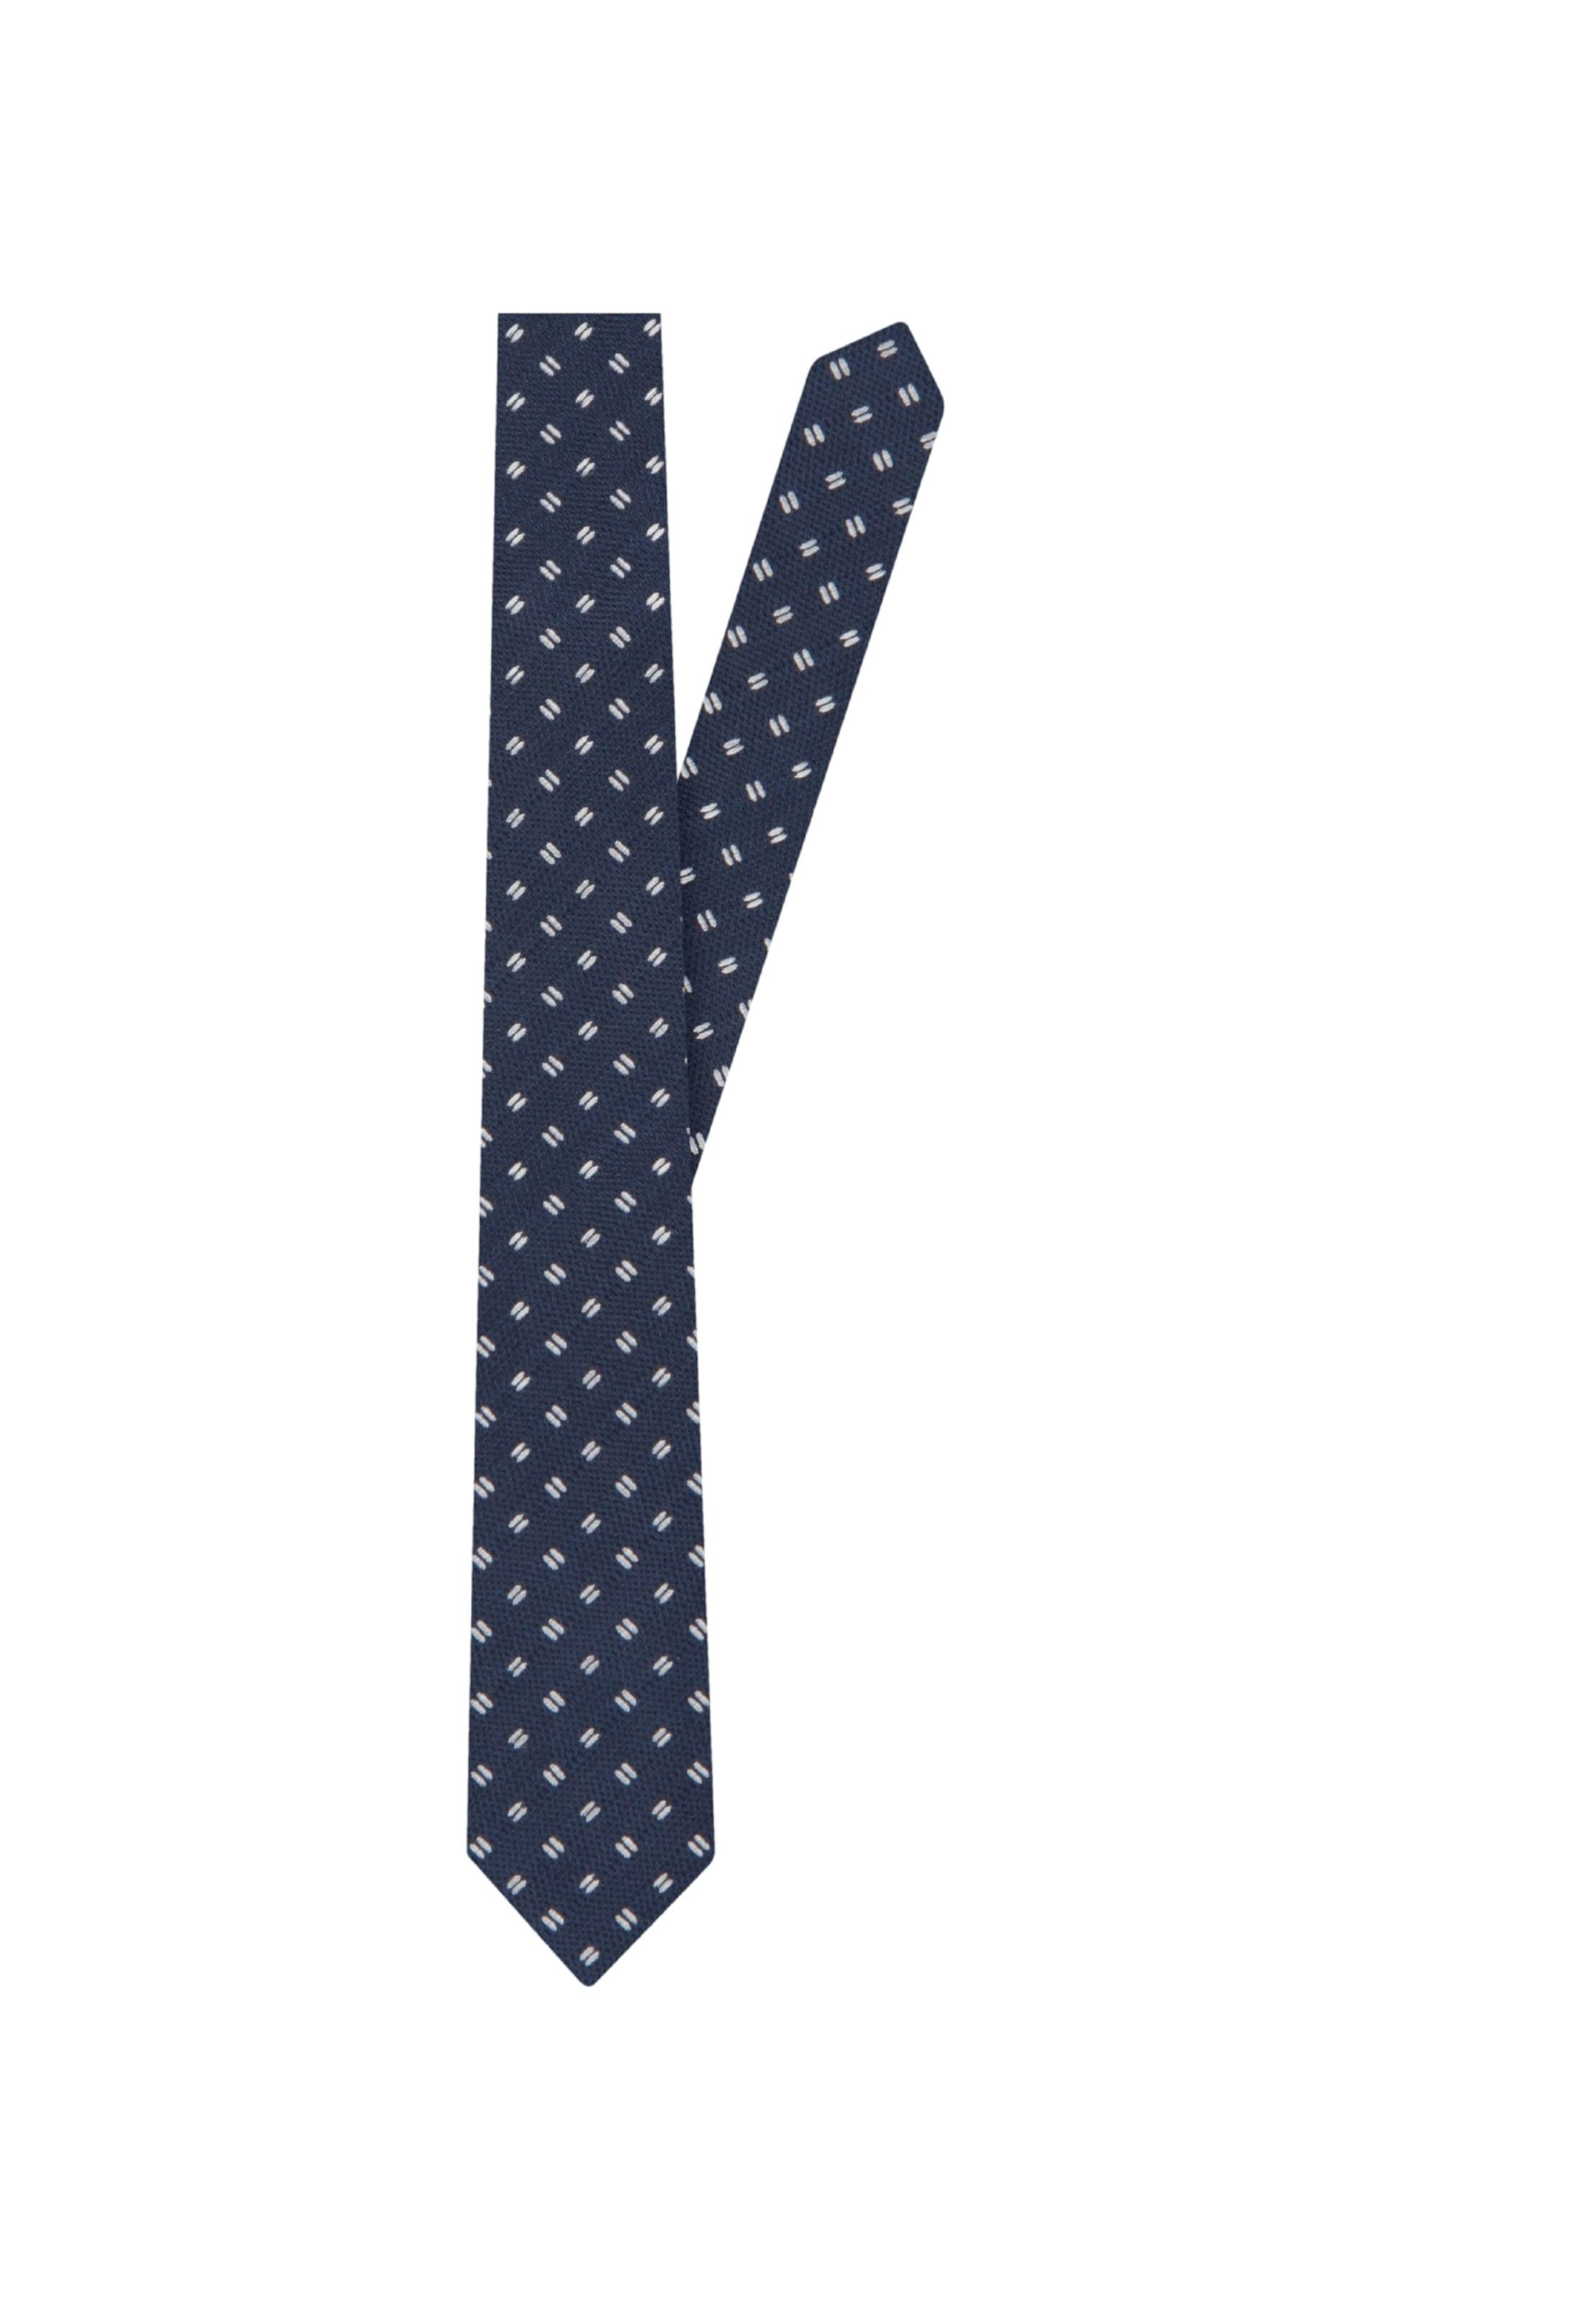 Rose' BlauWeiß In Krawatte Seidensticker 'schwarze 3R5ALj4q